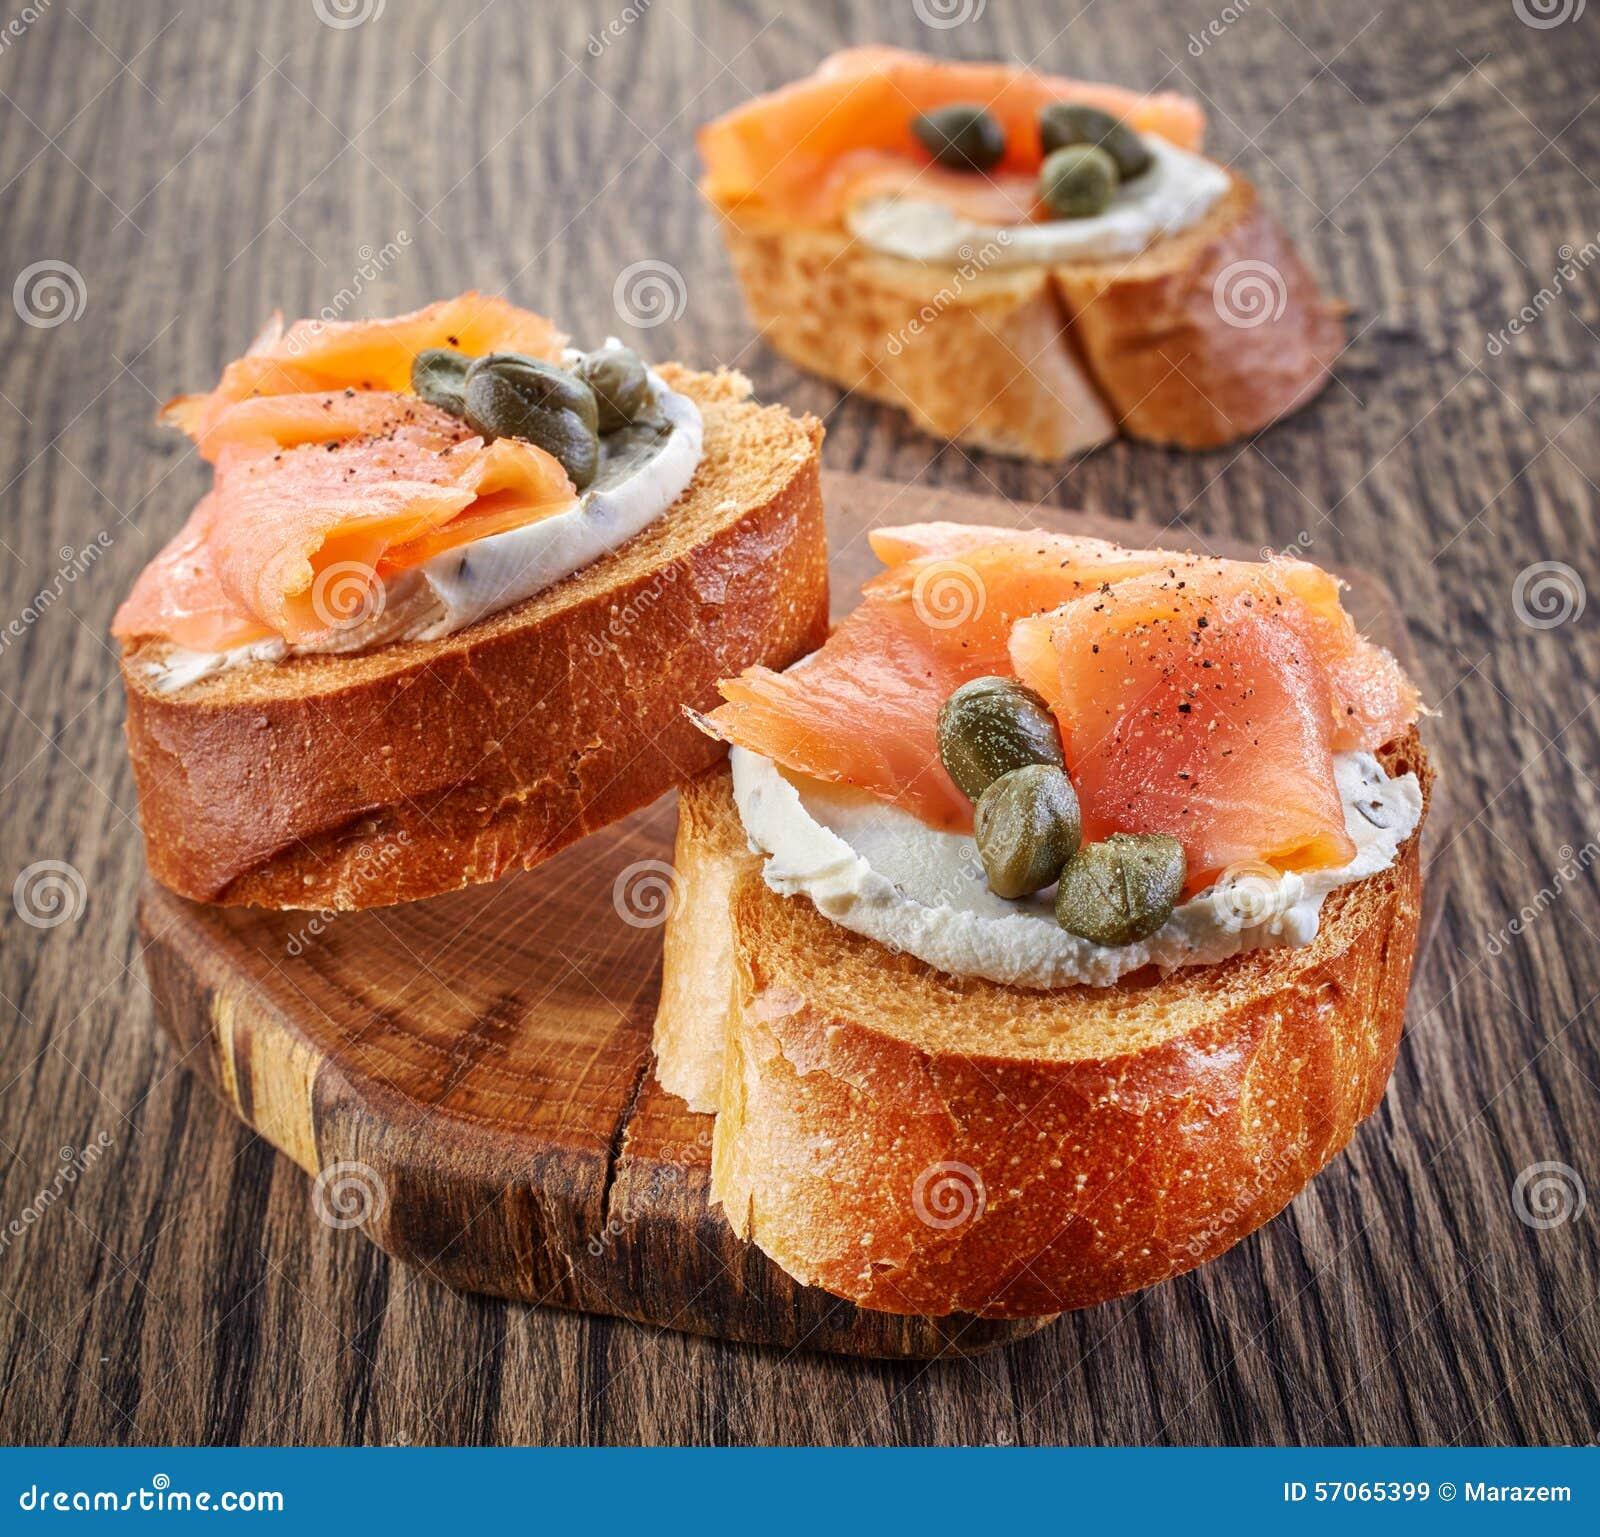 Geroosterd brood met gerookte zalmfilet